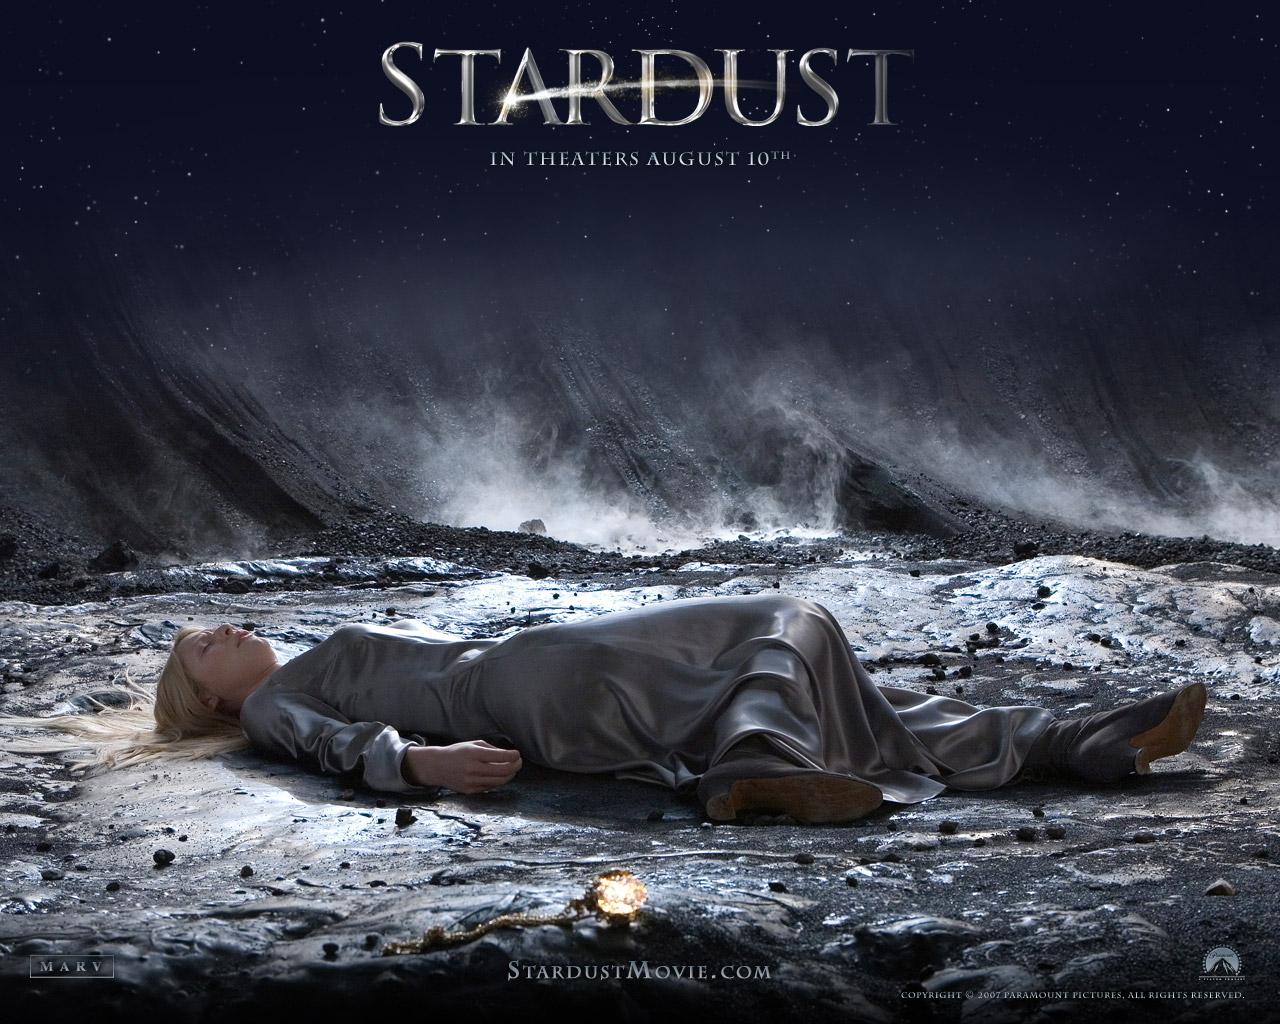 http://3.bp.blogspot.com/-W5IIgCfRGKA/TZ5_HF2ATxI/AAAAAAAAAt4/n0PUoYAZGbE/s1600/Stardust-upcoming-movies-122603_1280_1024.jpg